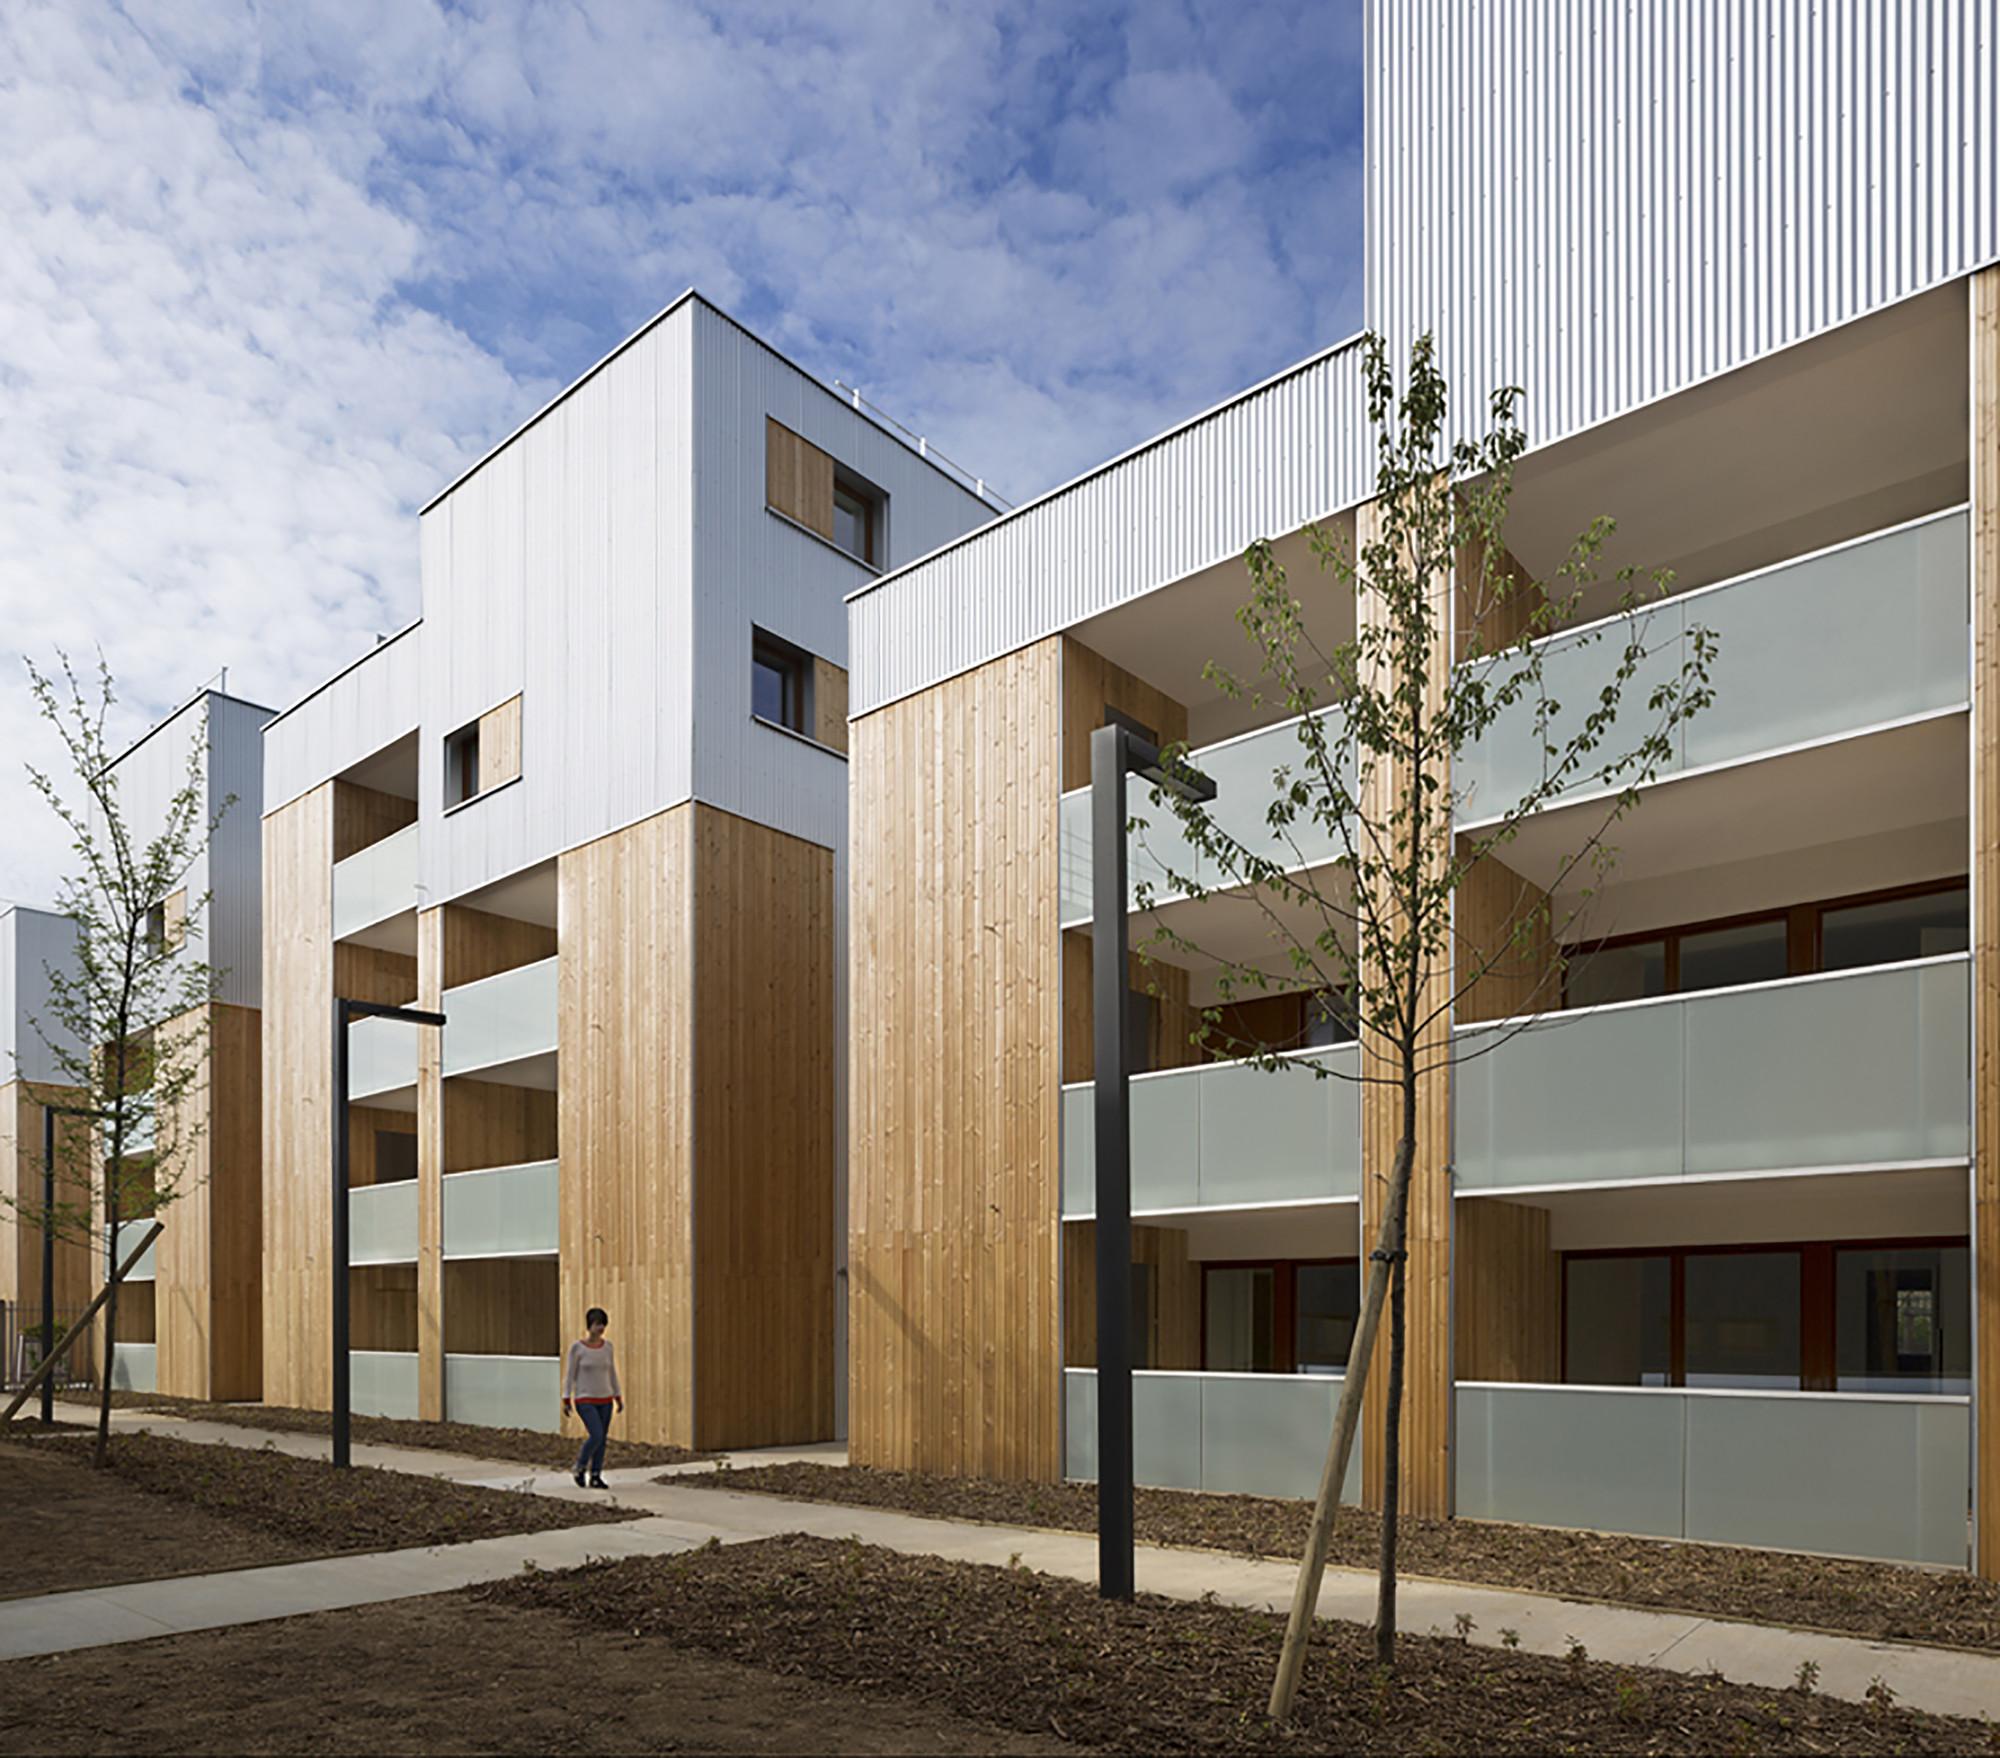 52 unidades de vivienda social en Nanterre / Colboc Franzen & Associés, © Cécile Septet